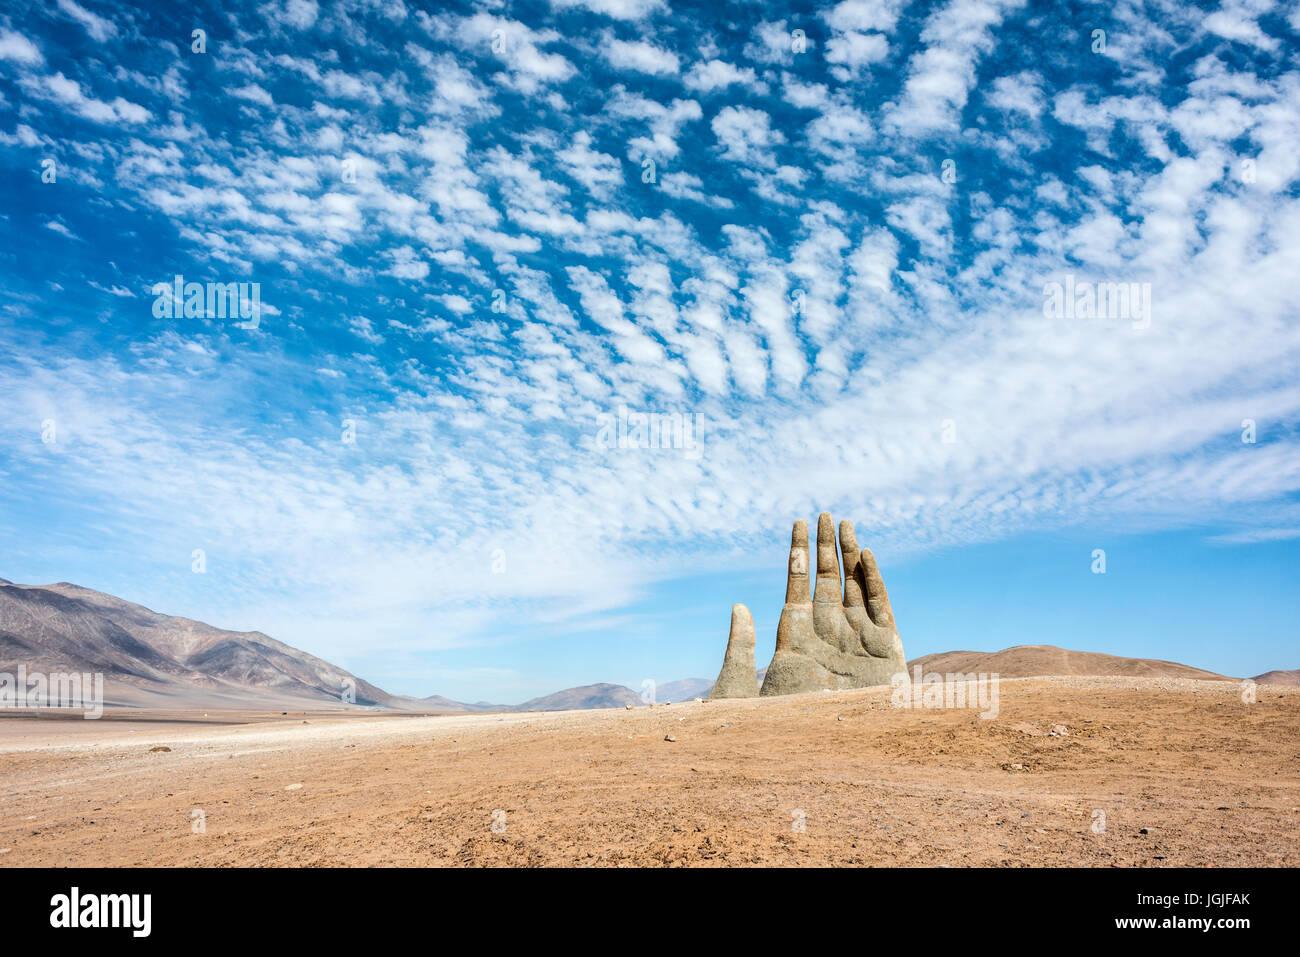 Antofagasta, 6 Aprile: piogge nel deserto di Atacama lavato via graffiti da scultura mano del deserto (mano de Desierto) Immagini Stock